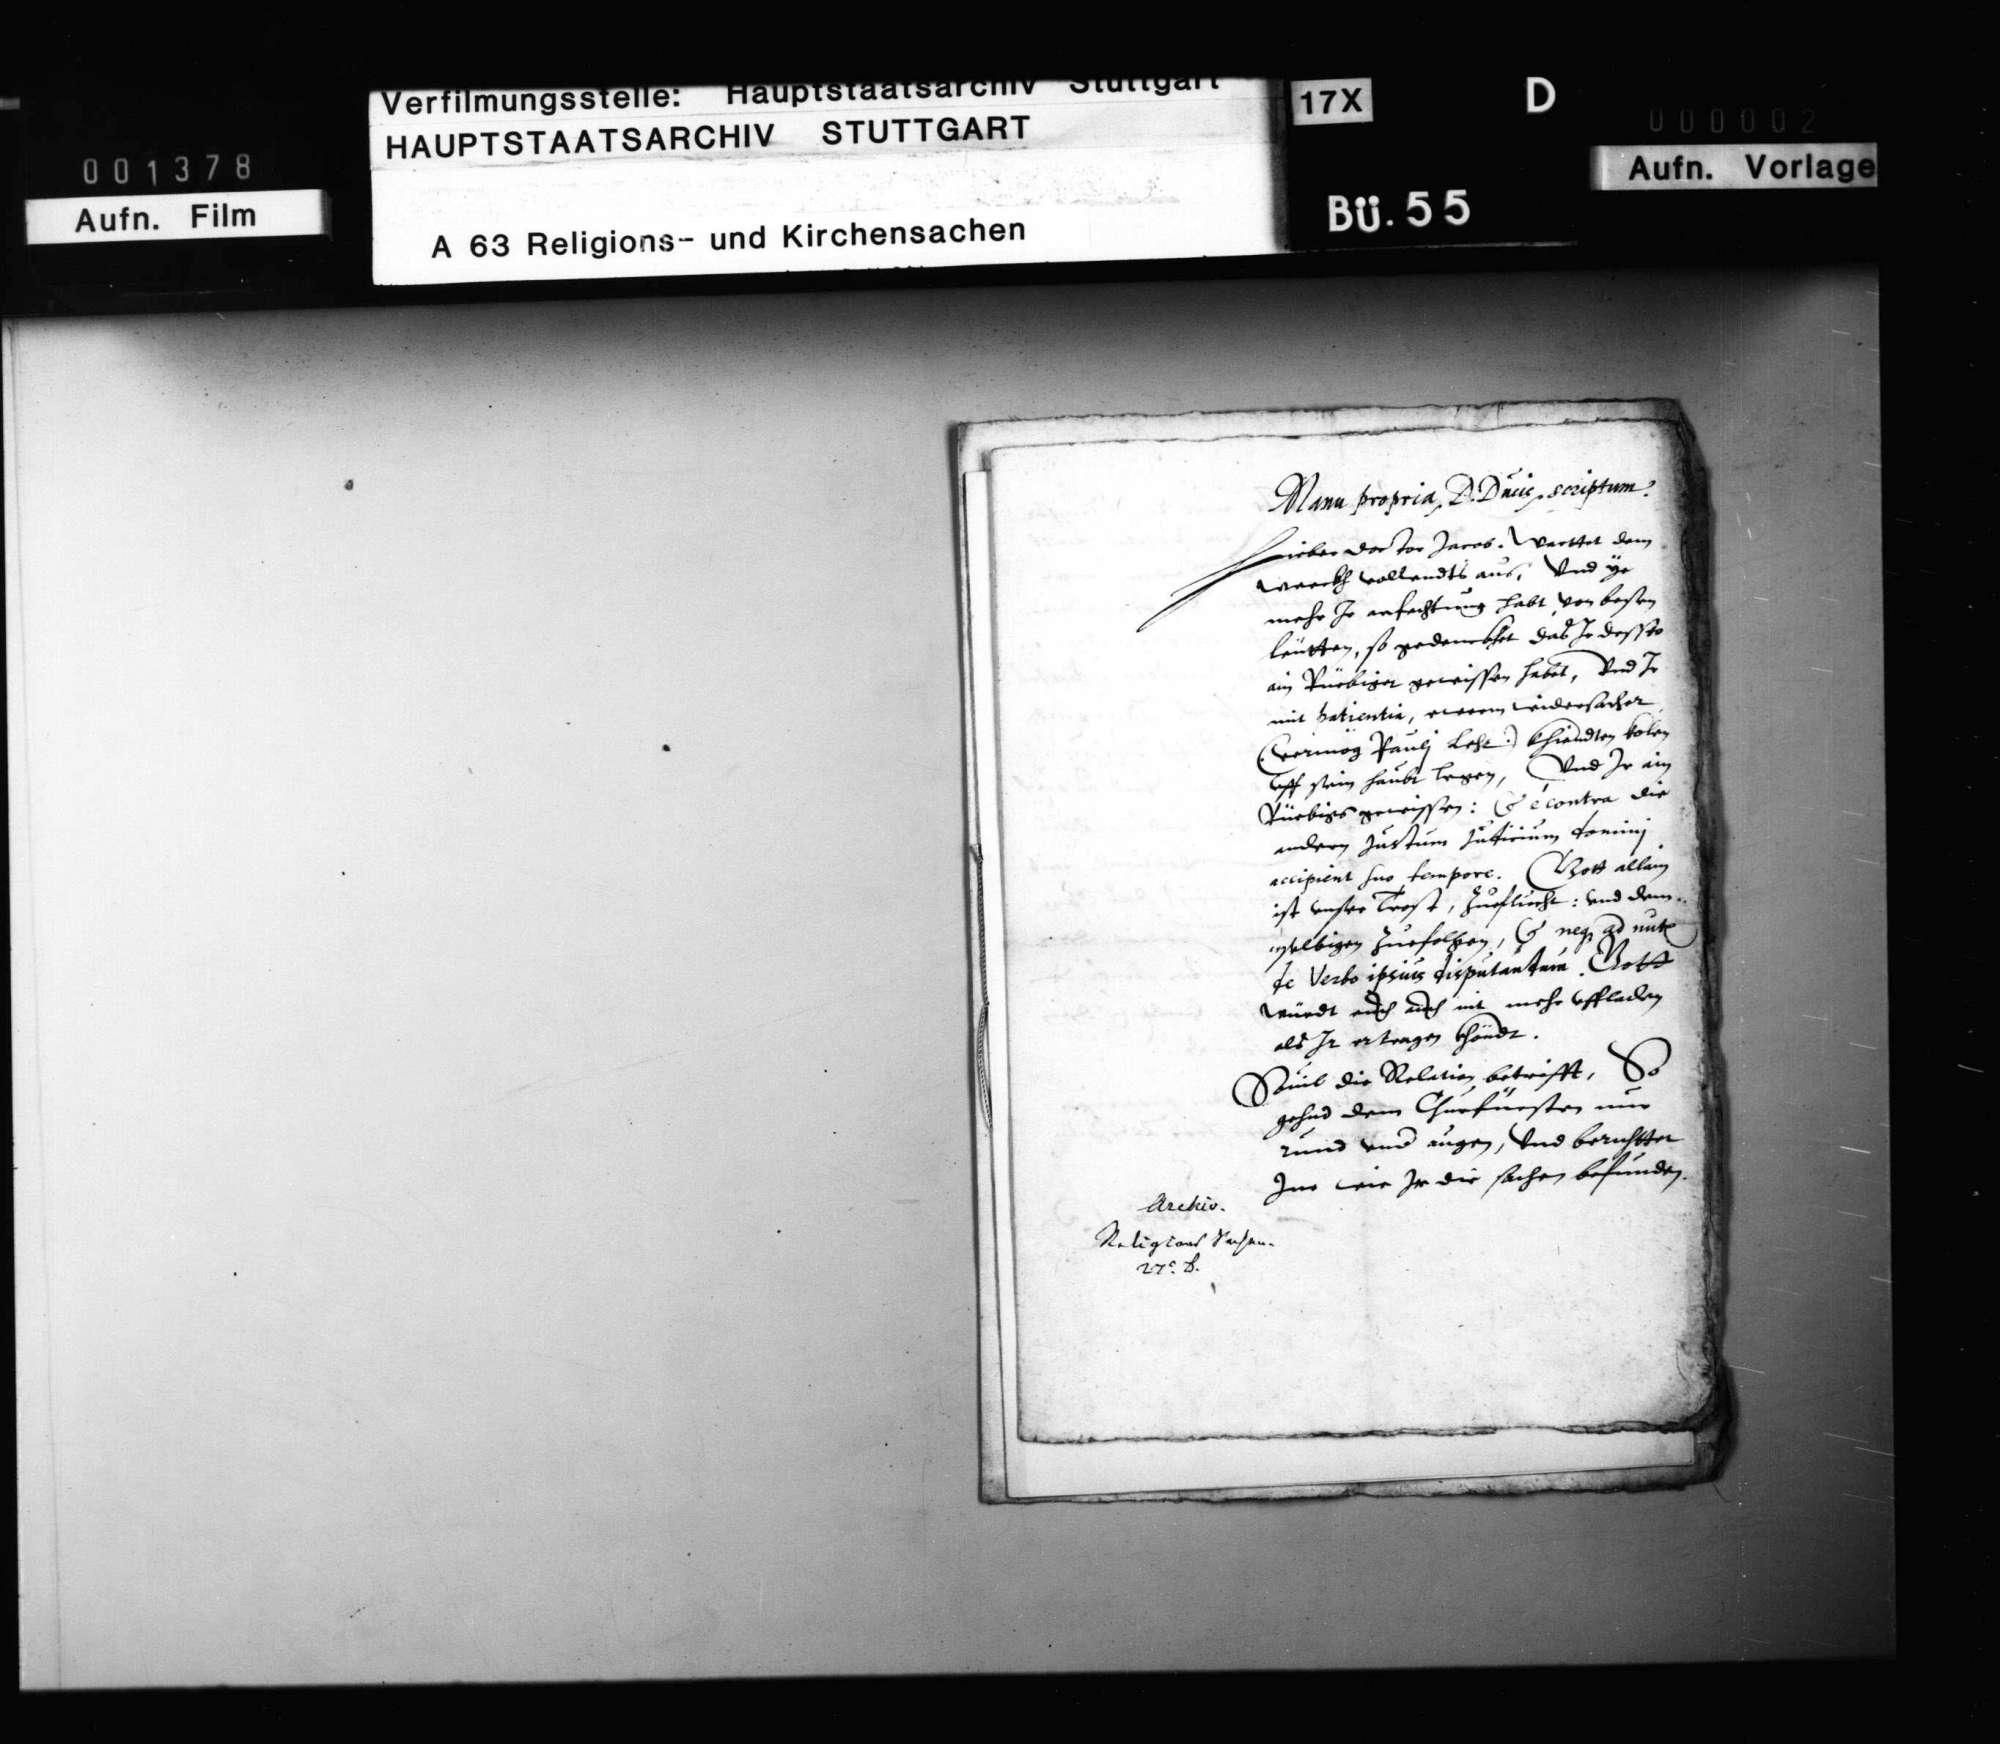 Schreiben Herzog Ludwigs an J. Andreä, er solle in der Betreibung des Concordienwerks standhaft bleiben. Abschrift., Bild 1